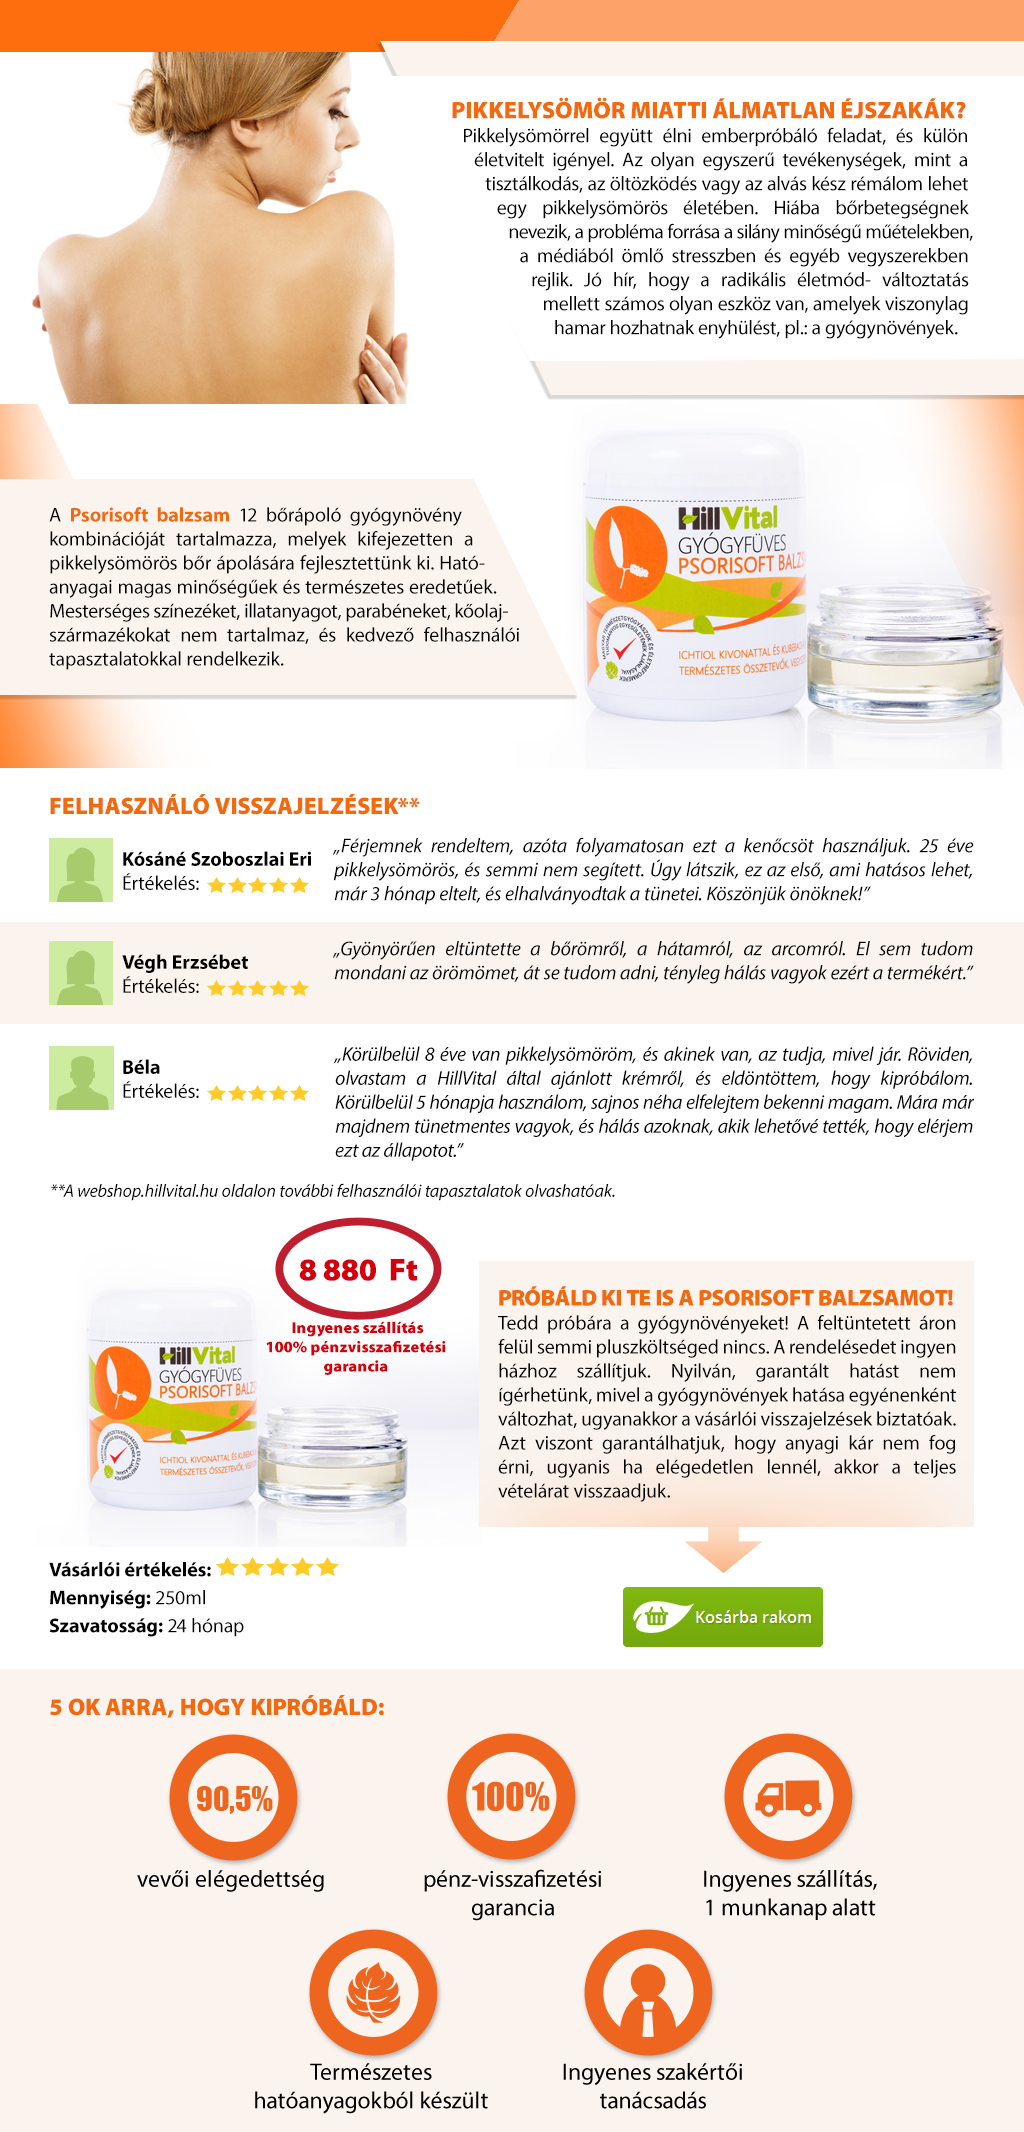 magas vérnyomás elleni gyógyszerek pikkelysömörrel)